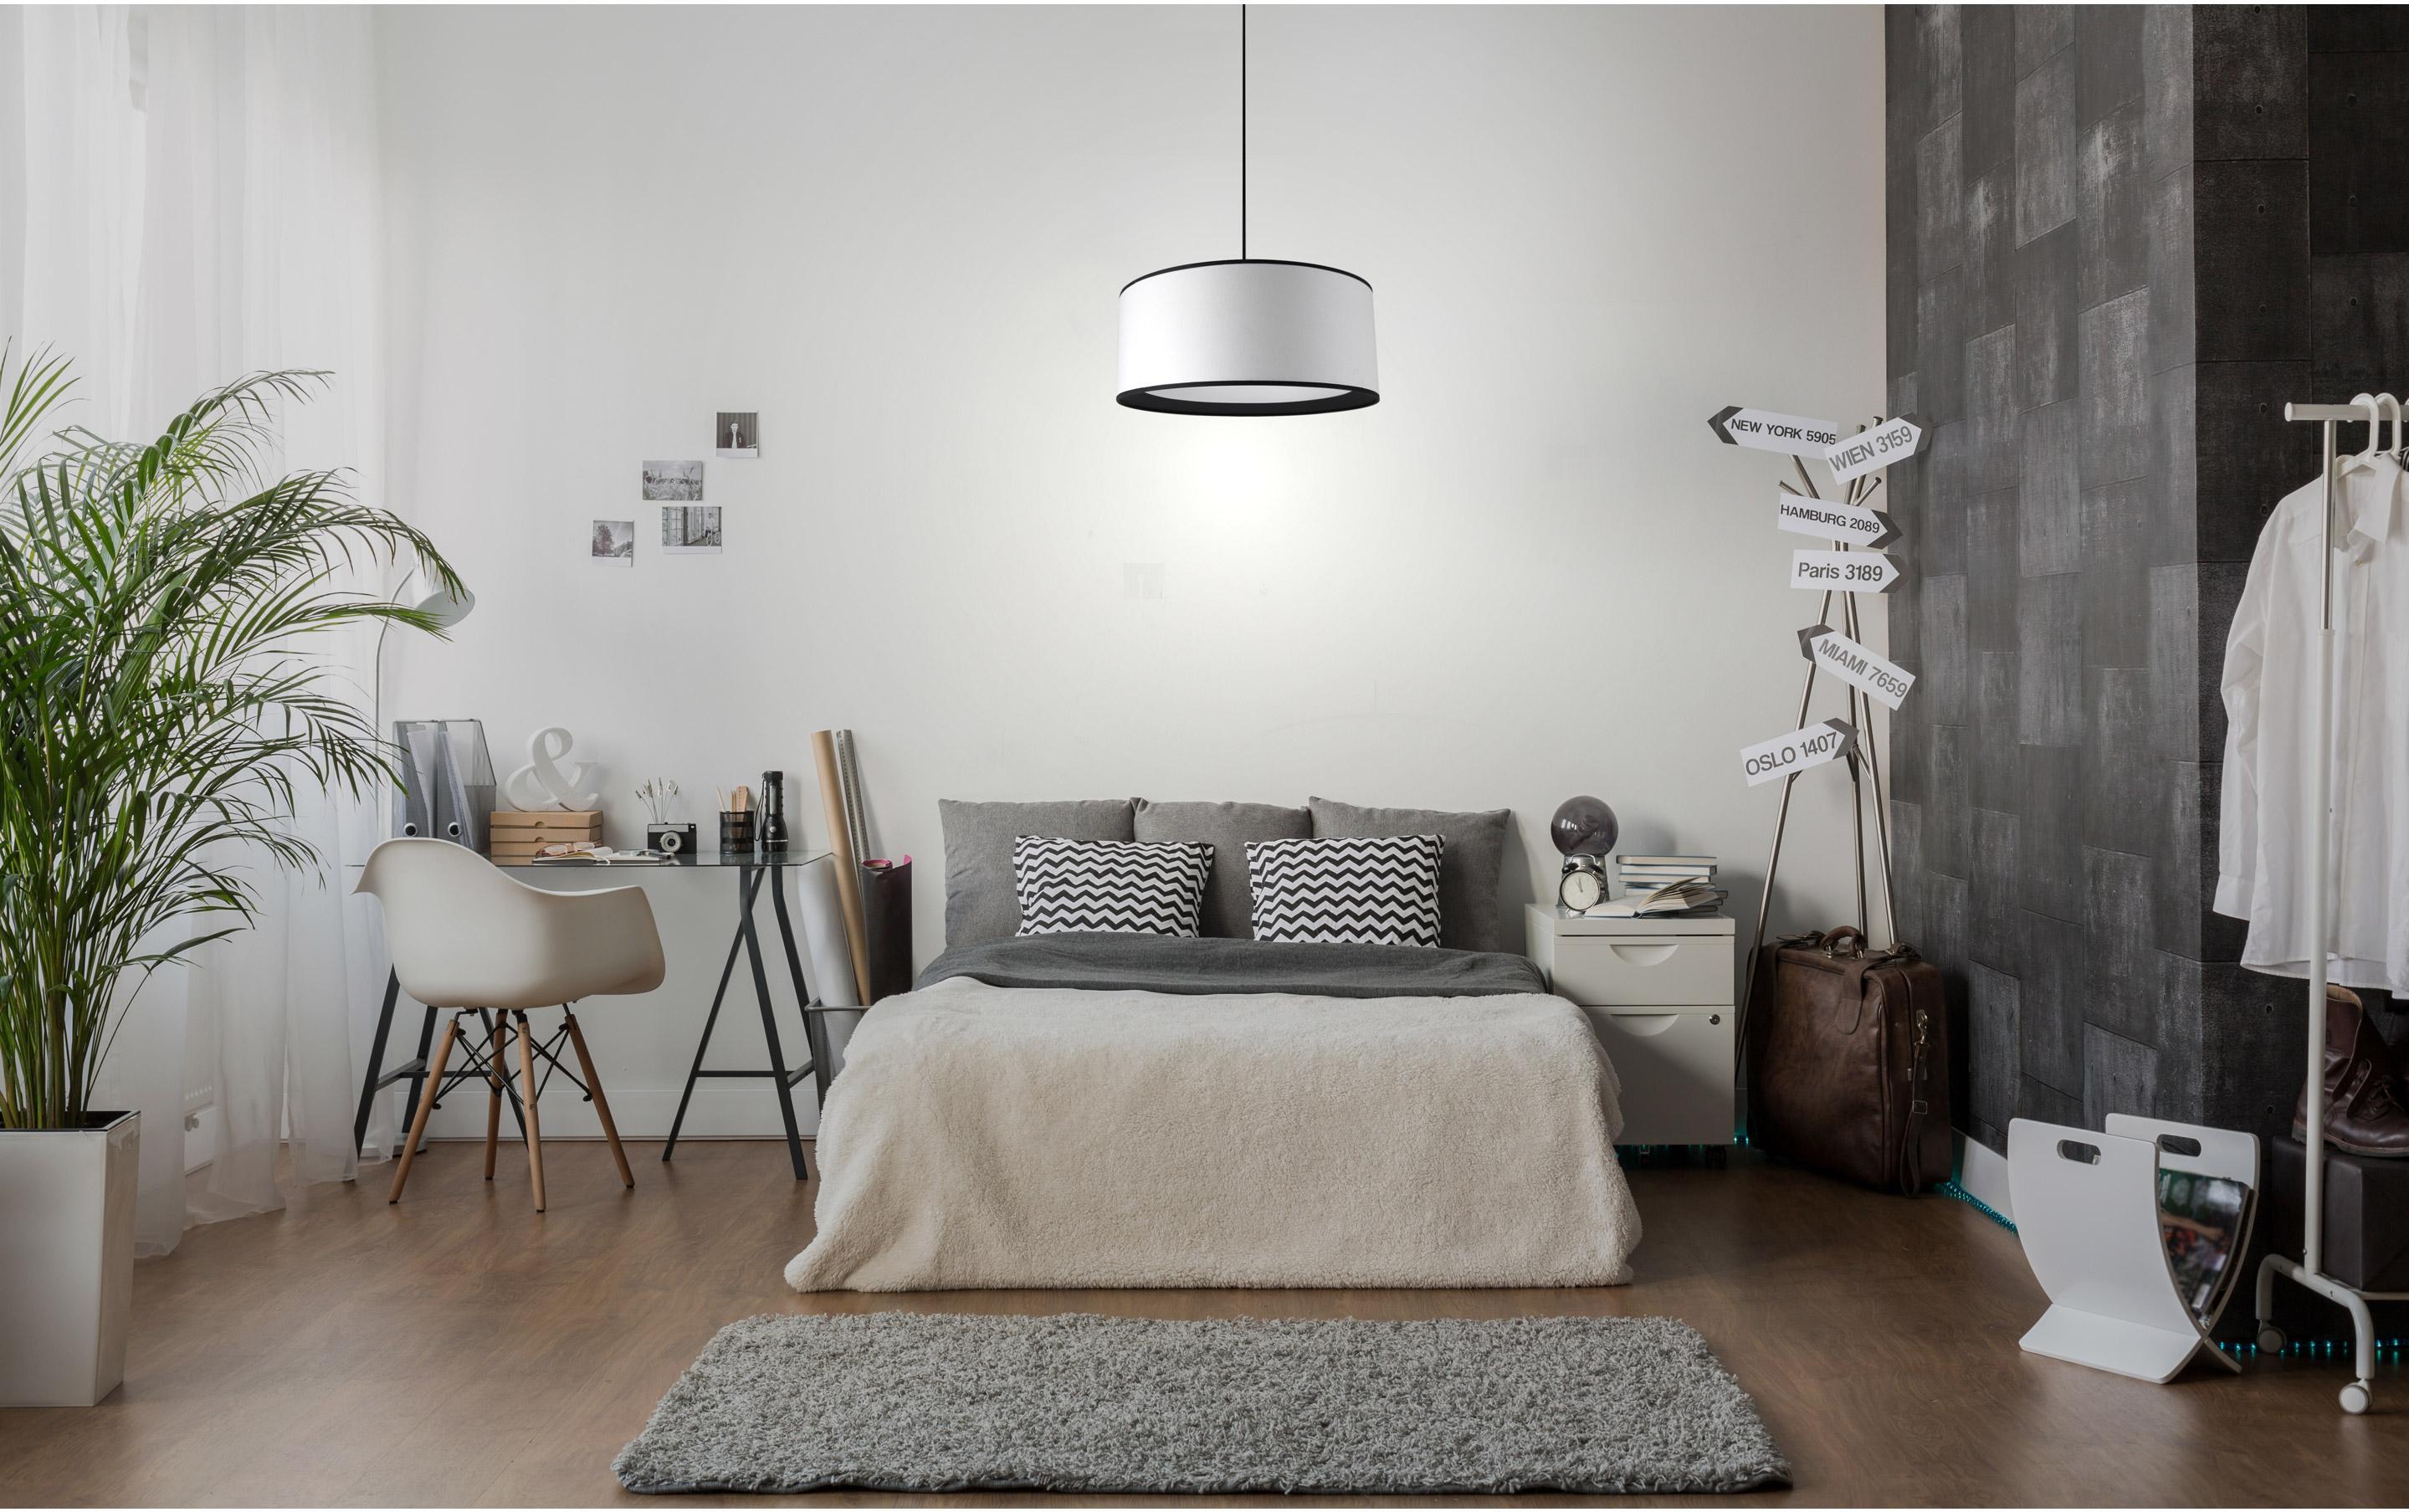 Suspension, e27 classique chic Natt line coton blanc - noir 1x60W METROPOLIGHT